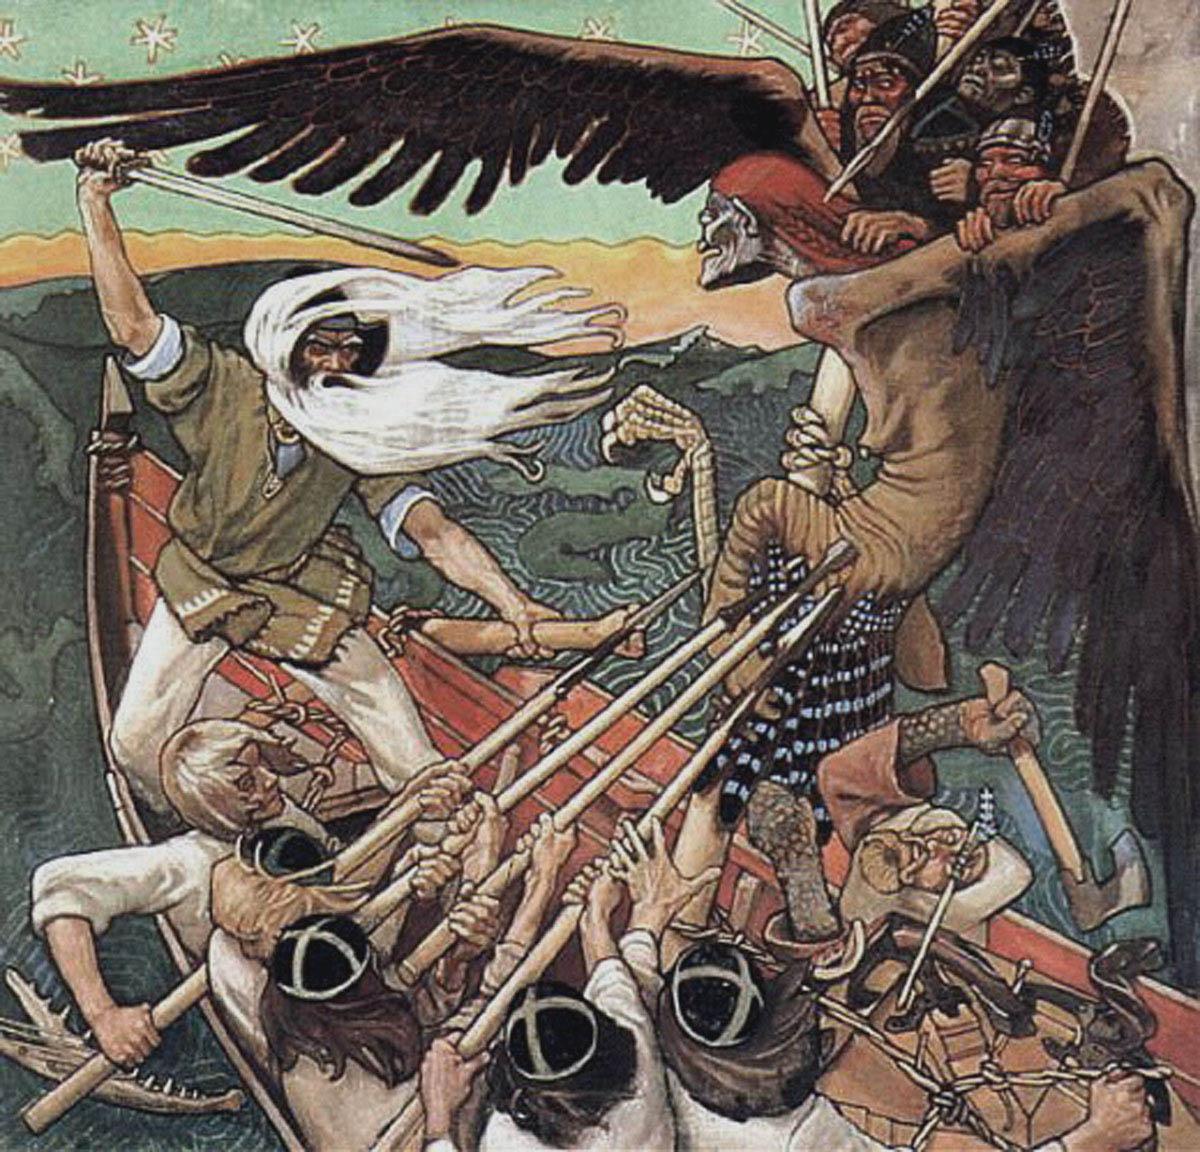 image from Chronique sur le conte # 1 - le Kalevala